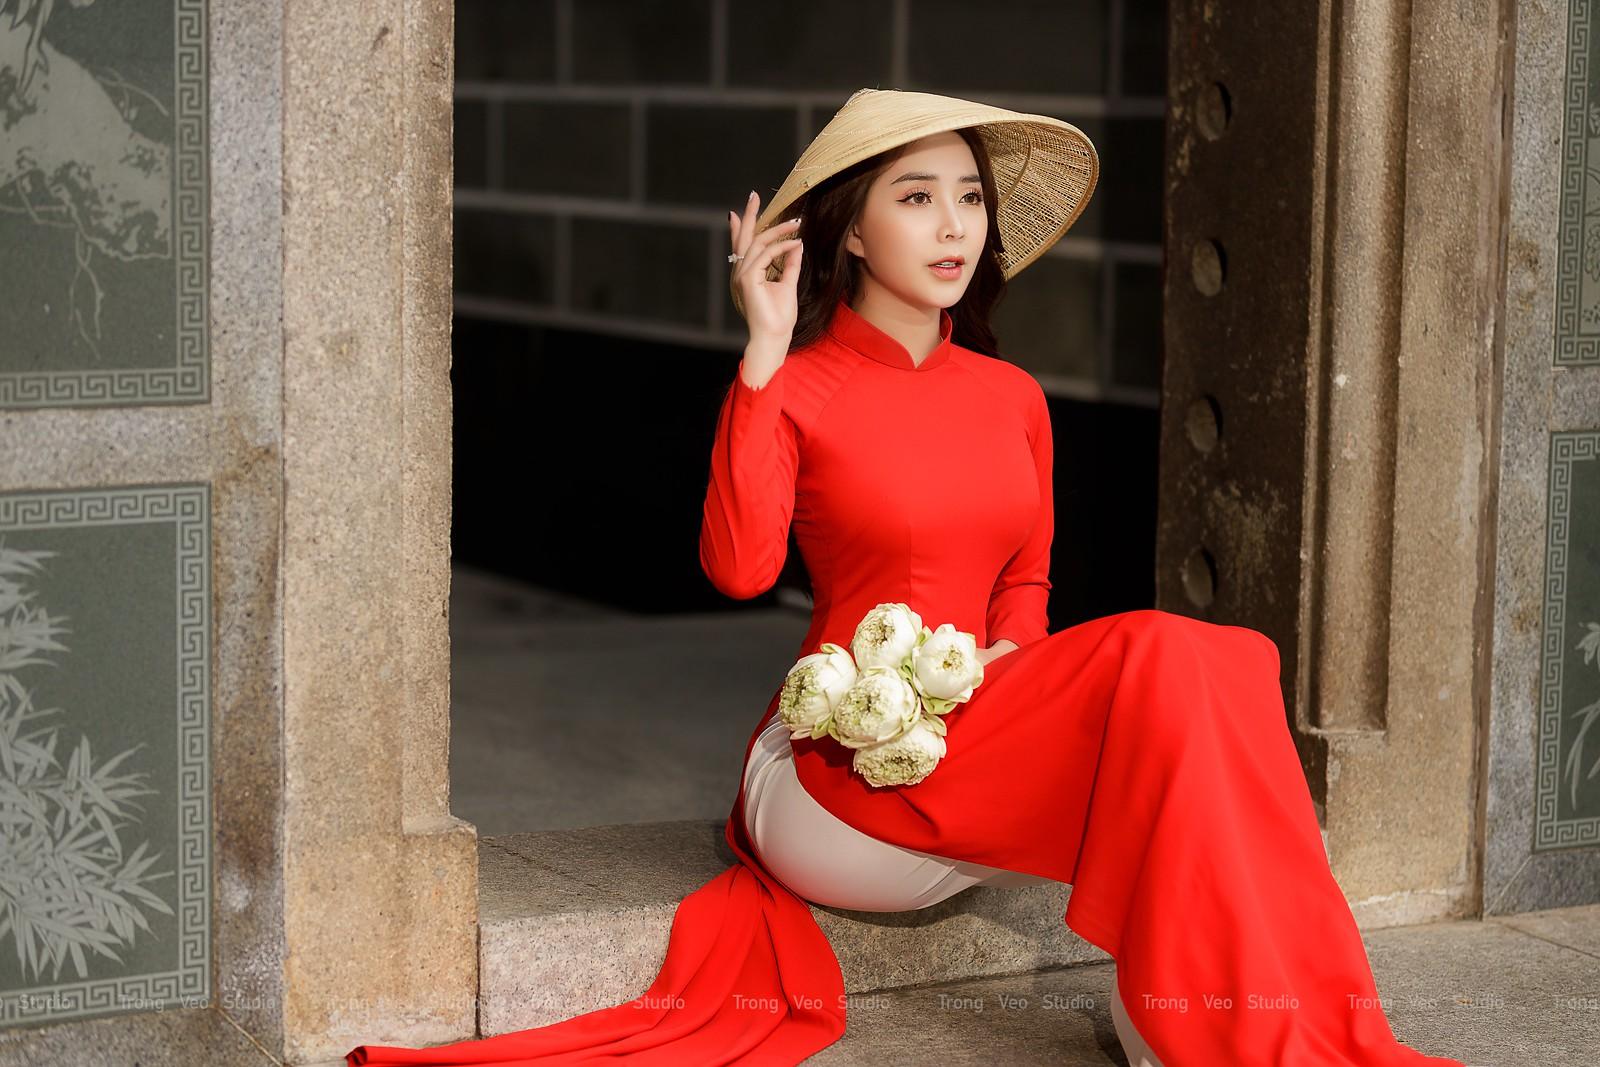 Ngắm hot girl Lục Anh xinh đẹp như hoa không sao tả xiết trong tà áo dài truyền thống - 19